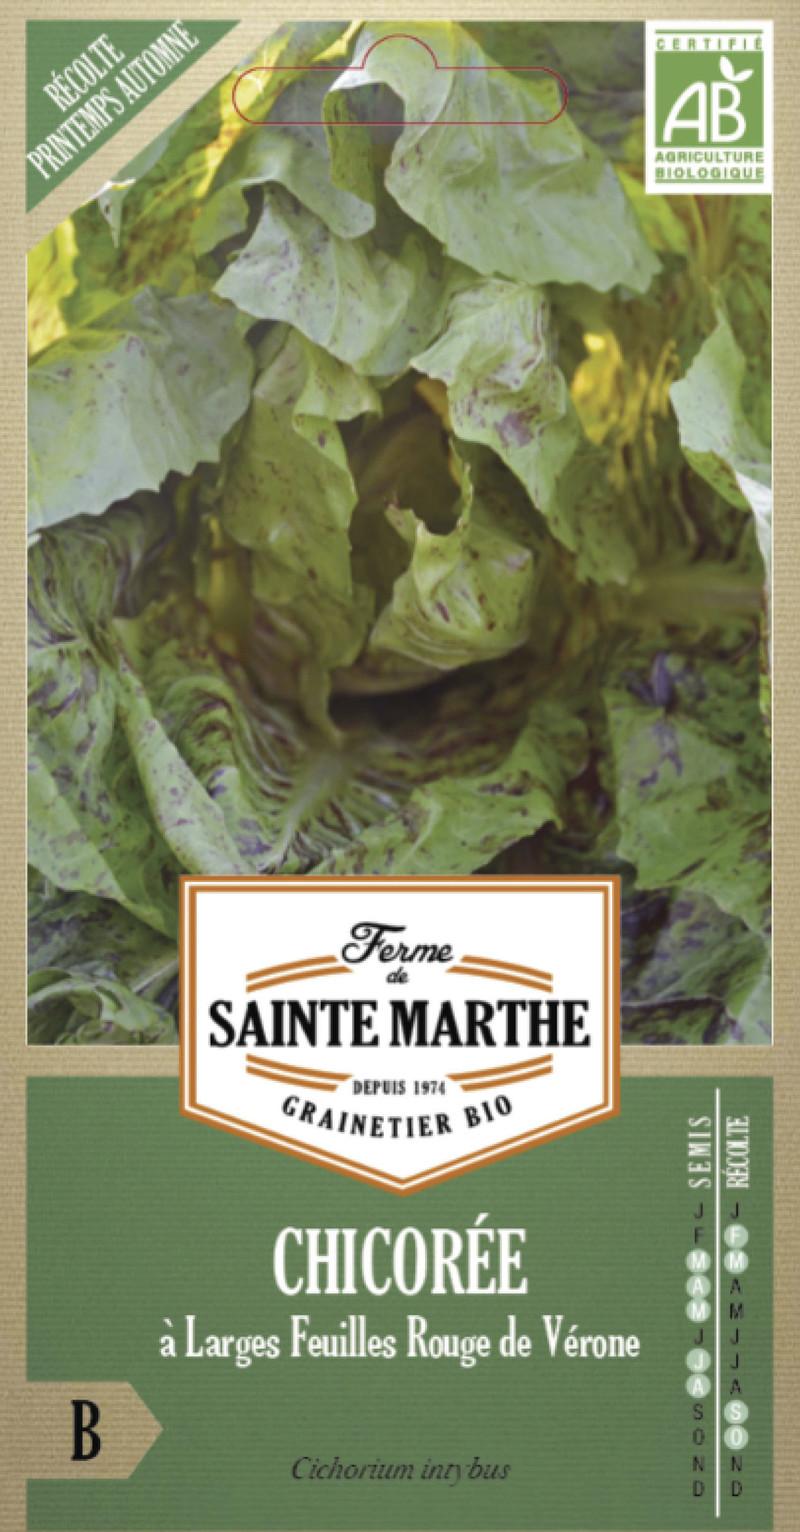 chicoree a feuilles rouge de verone bio ferme de sainte marthe graine semence potager sachet semis - Voir en grand